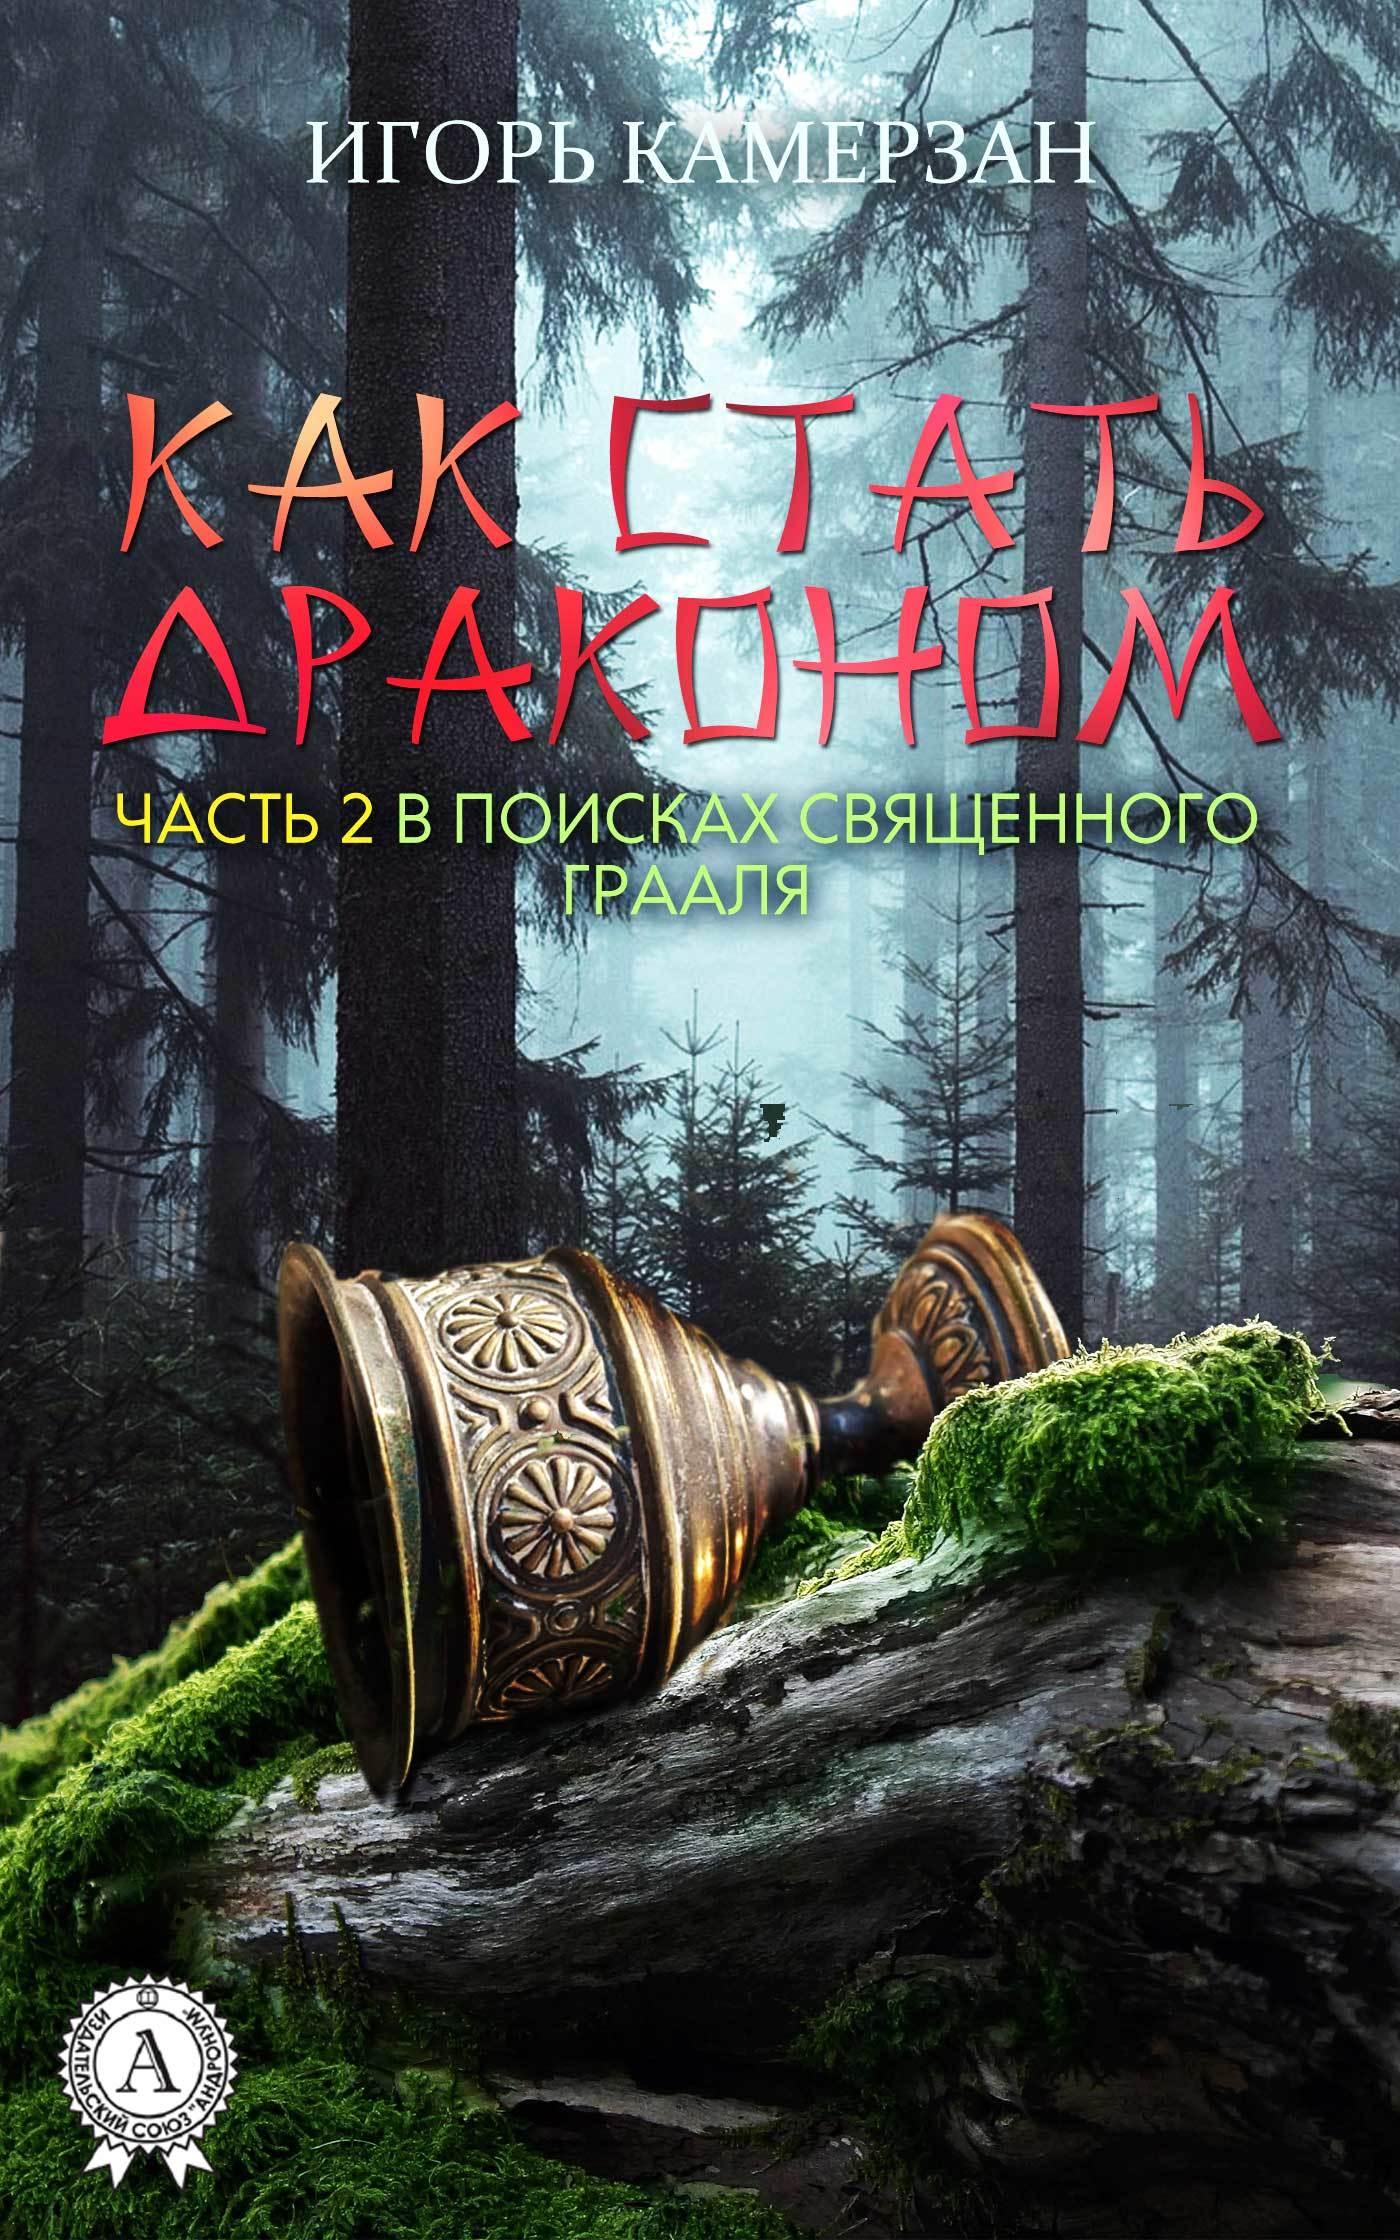 Игорь Камерзан - В поисках священного Грааля